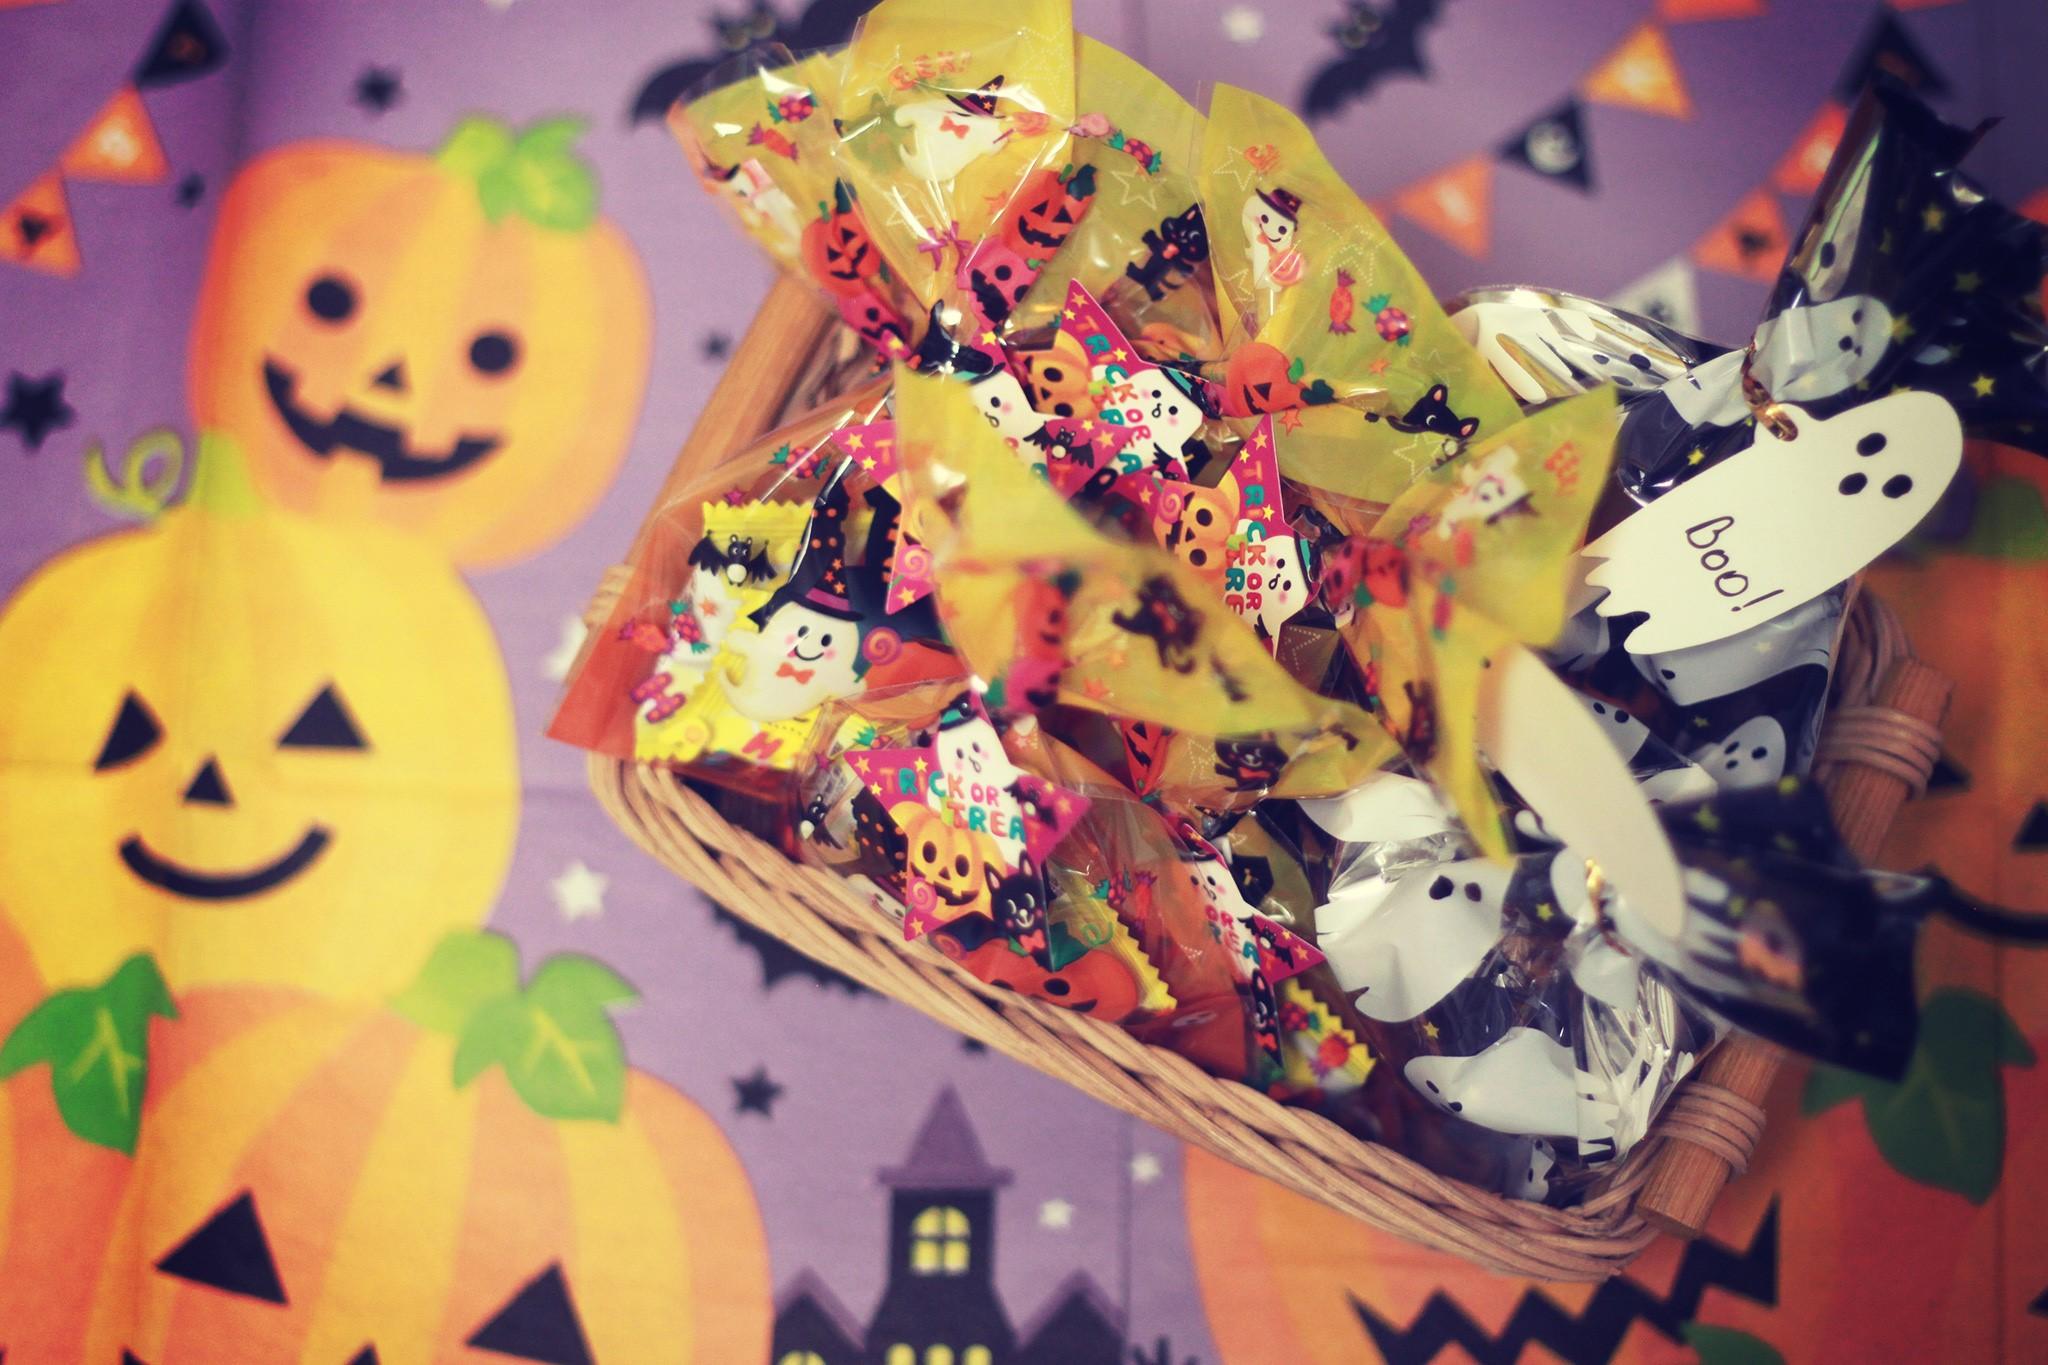 かごに入った沢山の「trick or treat」のお菓子